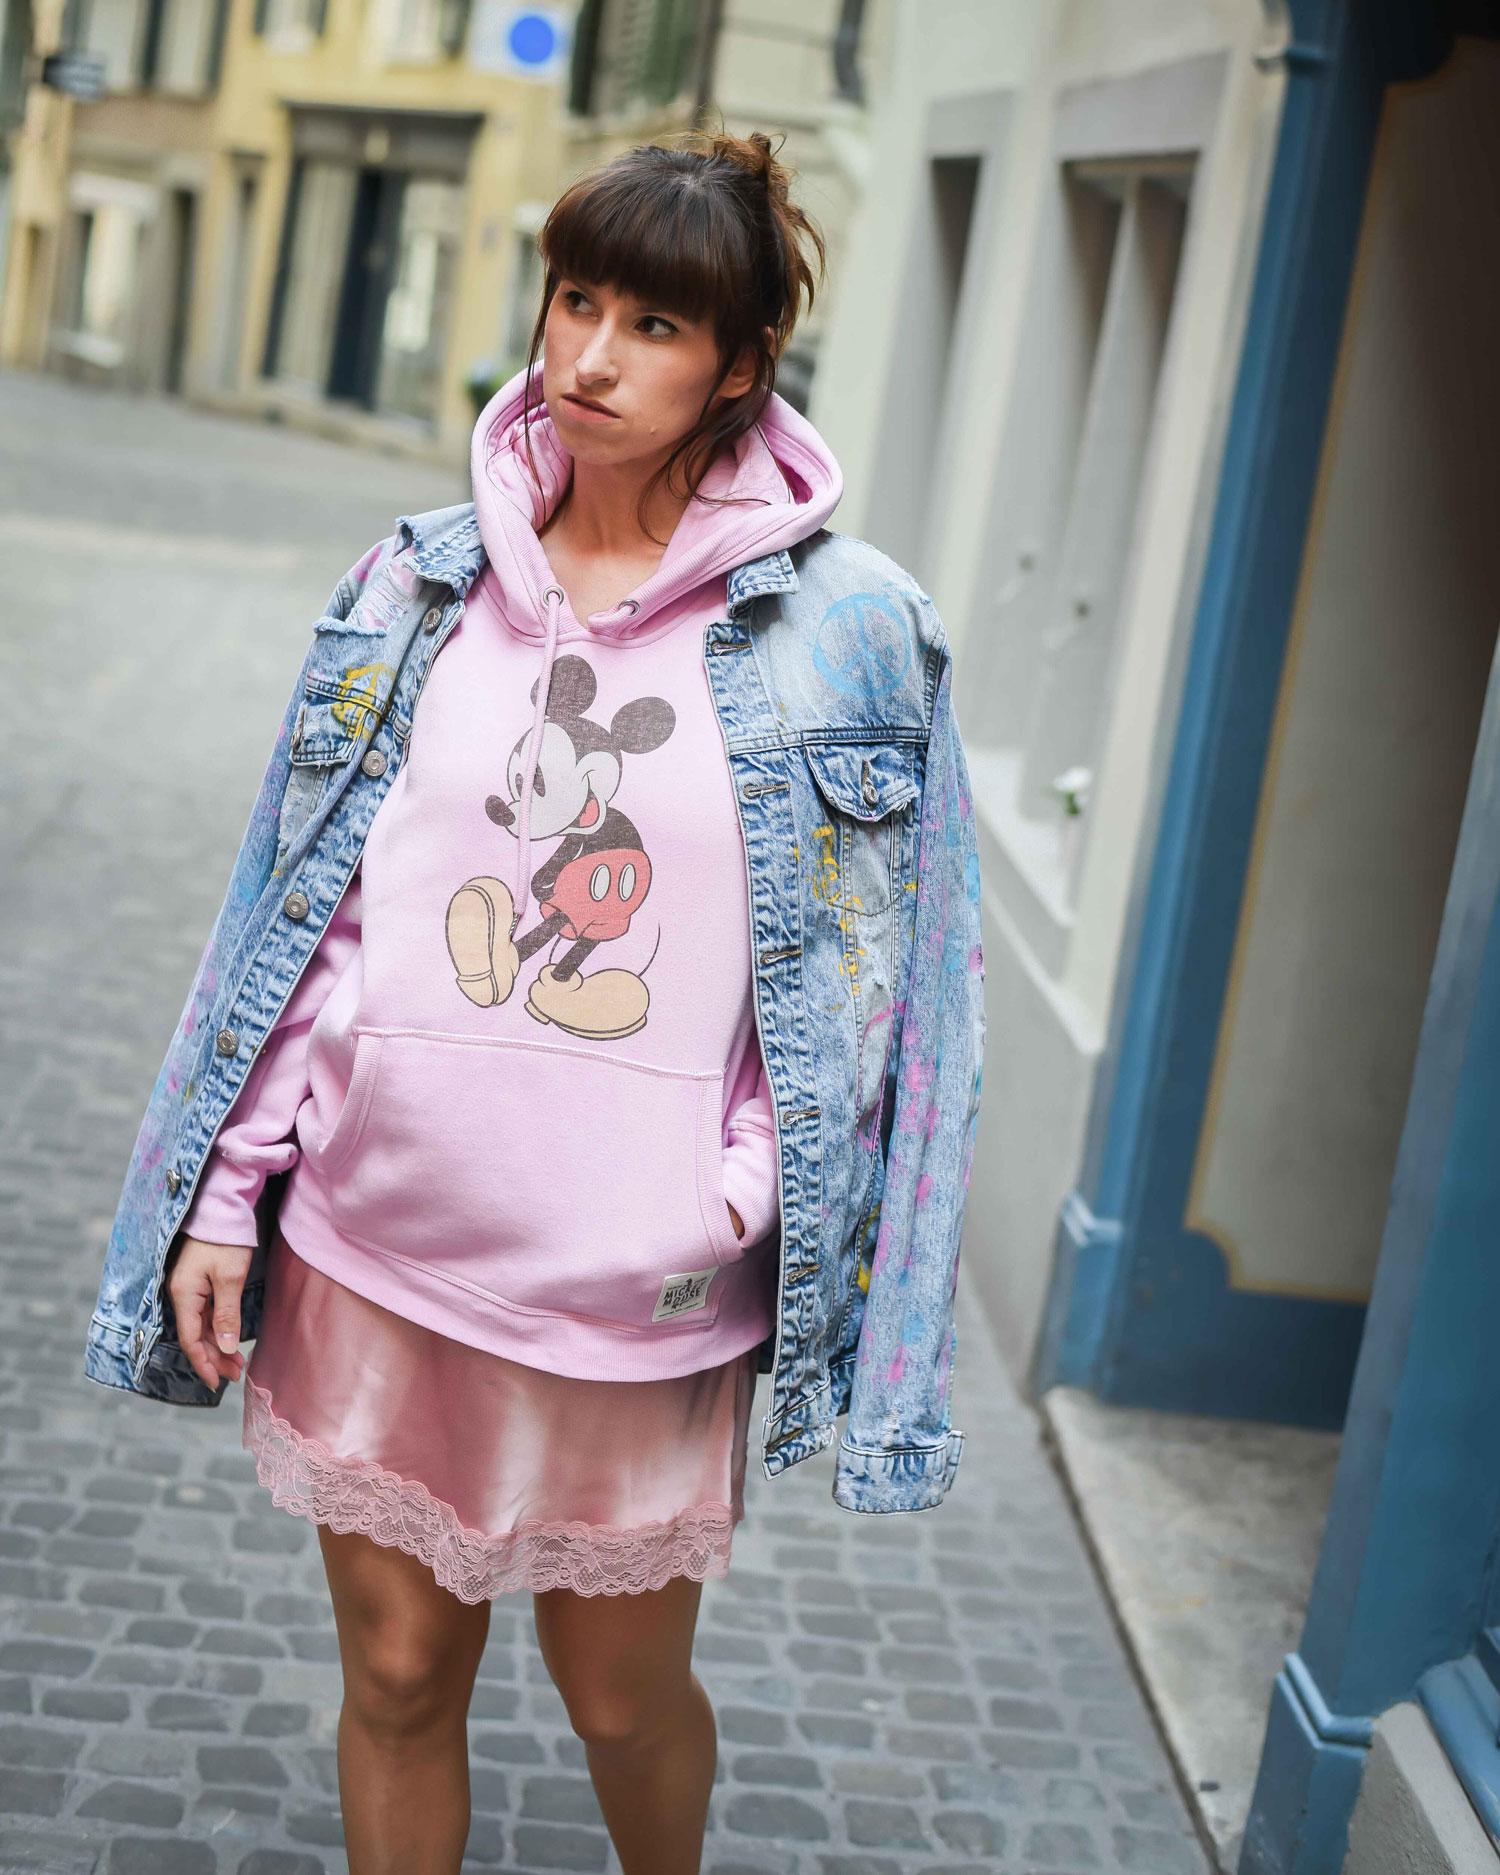 Fashion Week: Slipdress von Intimissimi, Hoodie von HM, Jeansjacke, Tasche von Karl Lagerfeld, Herzensonnenbrille von H&M, Pumps von Faith